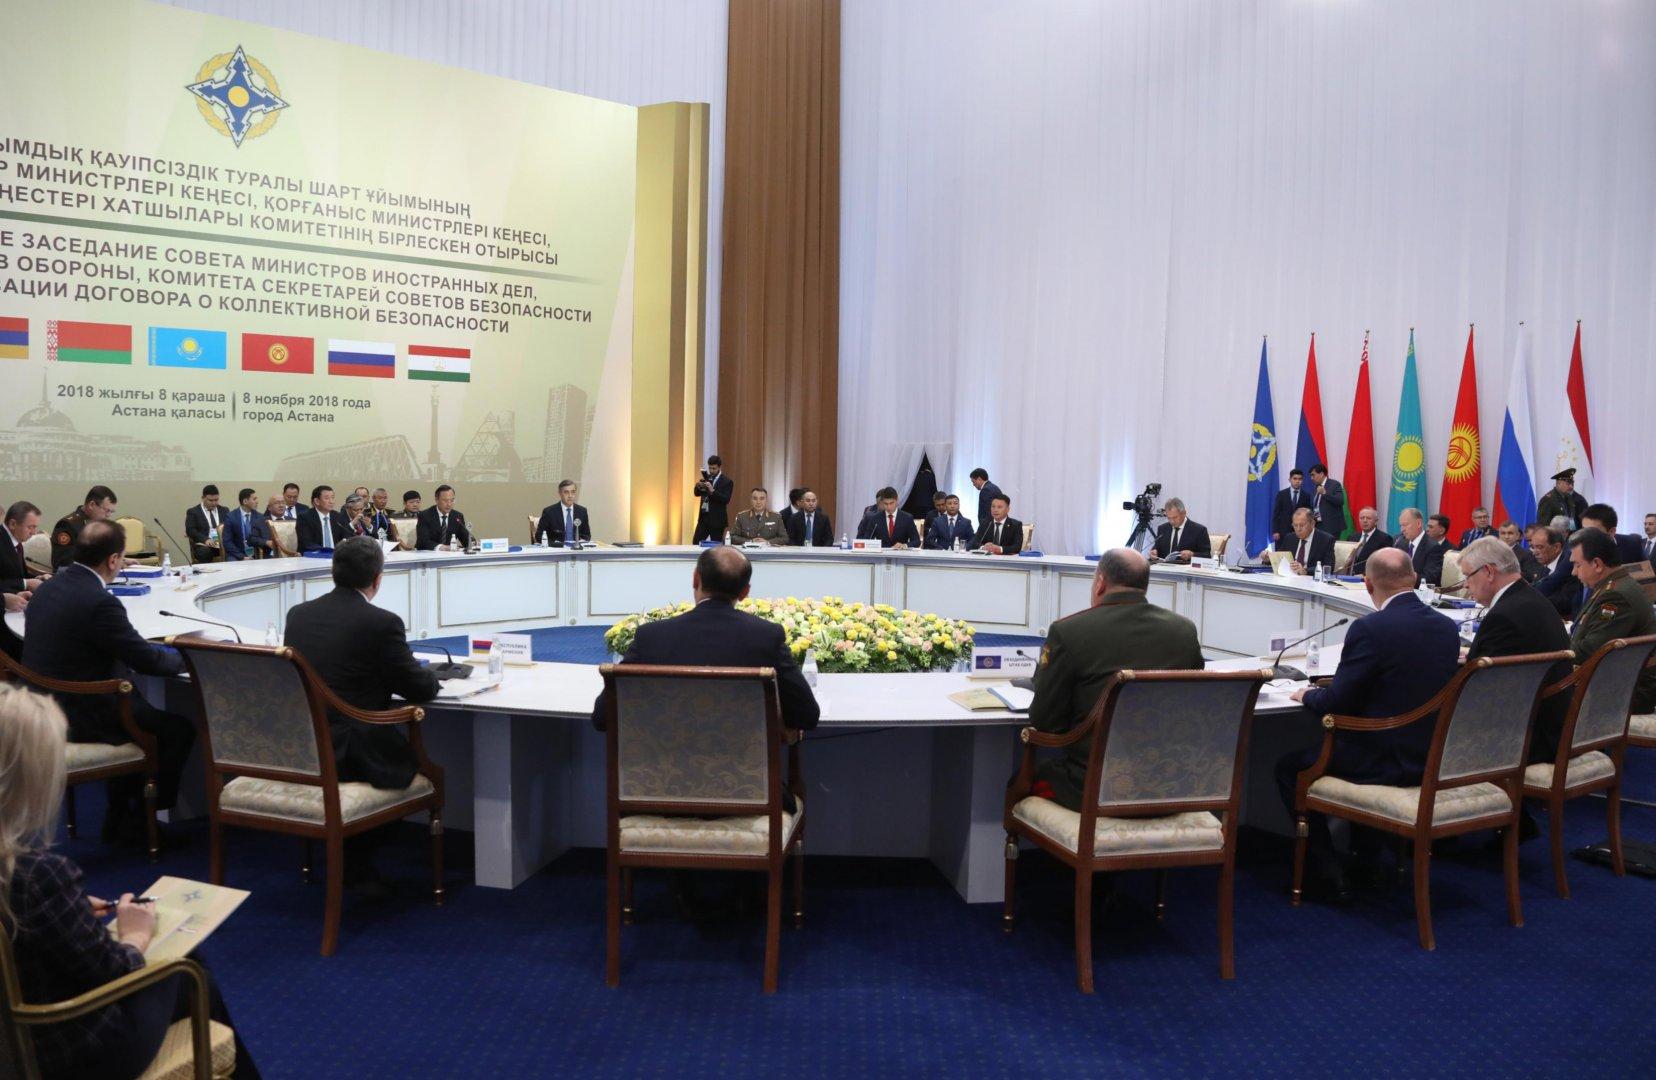 Проблемы международной и региональной безопасности обсудили в Астане